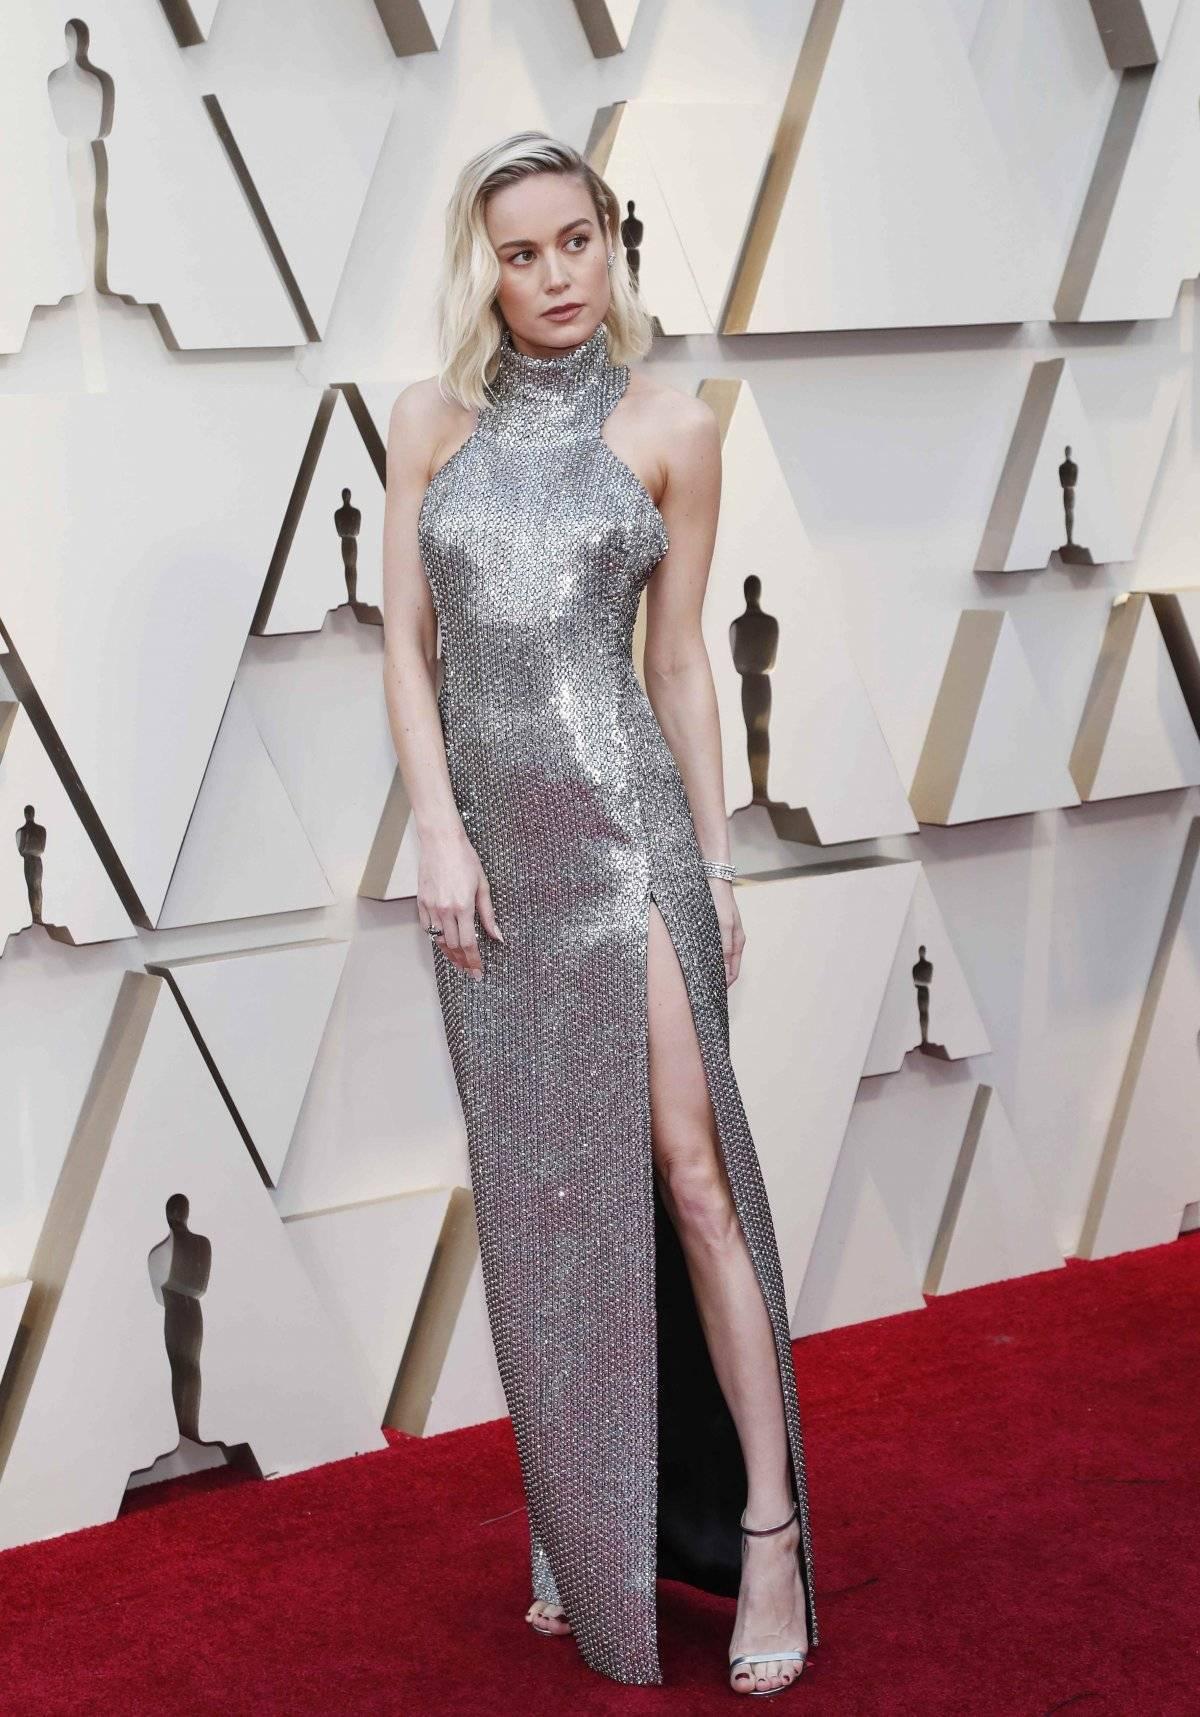 Brie Larson usou um vestido Celine metalizado, sem decote, mas com uma bela fenda nas pernas. Os sapatos são Jimmy Choo. Getty Images